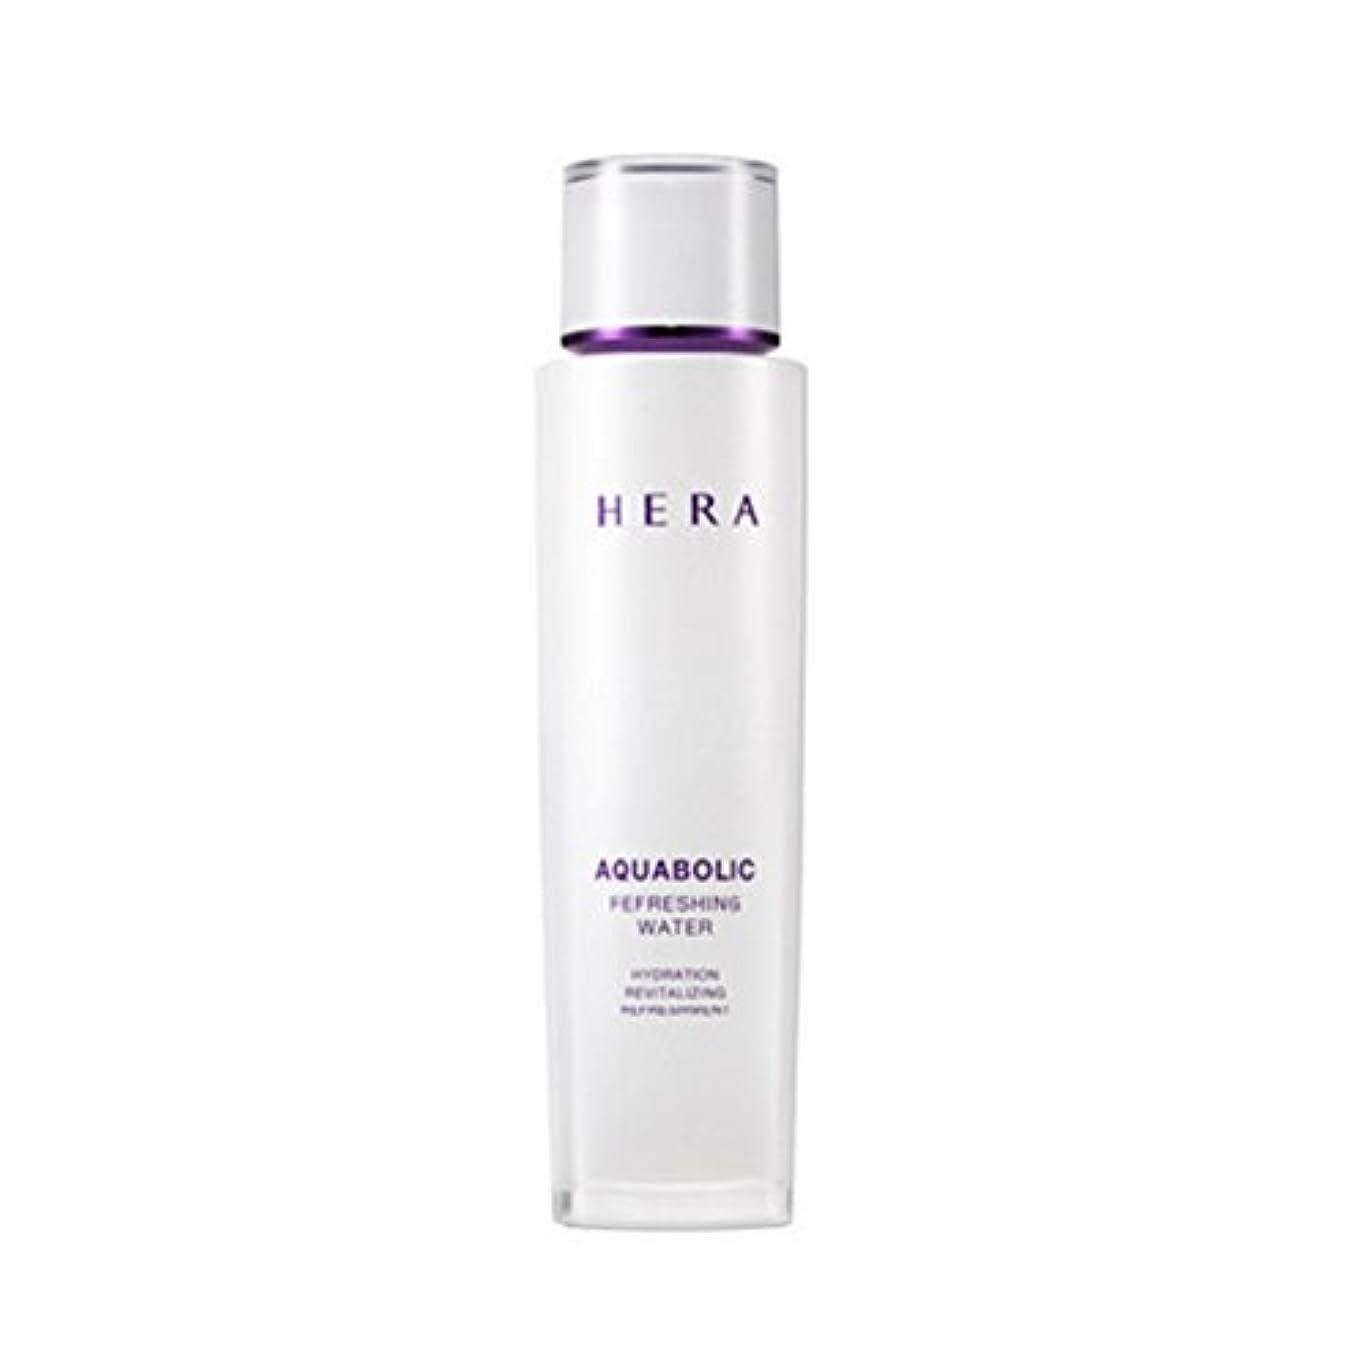 傾向があります解釈味付け(ヘラ) HERA アクアボリック リフレッシングウォーター (化粧水) 150ml / Aquabolic Refreshing Water 150ml (韓国直発送)